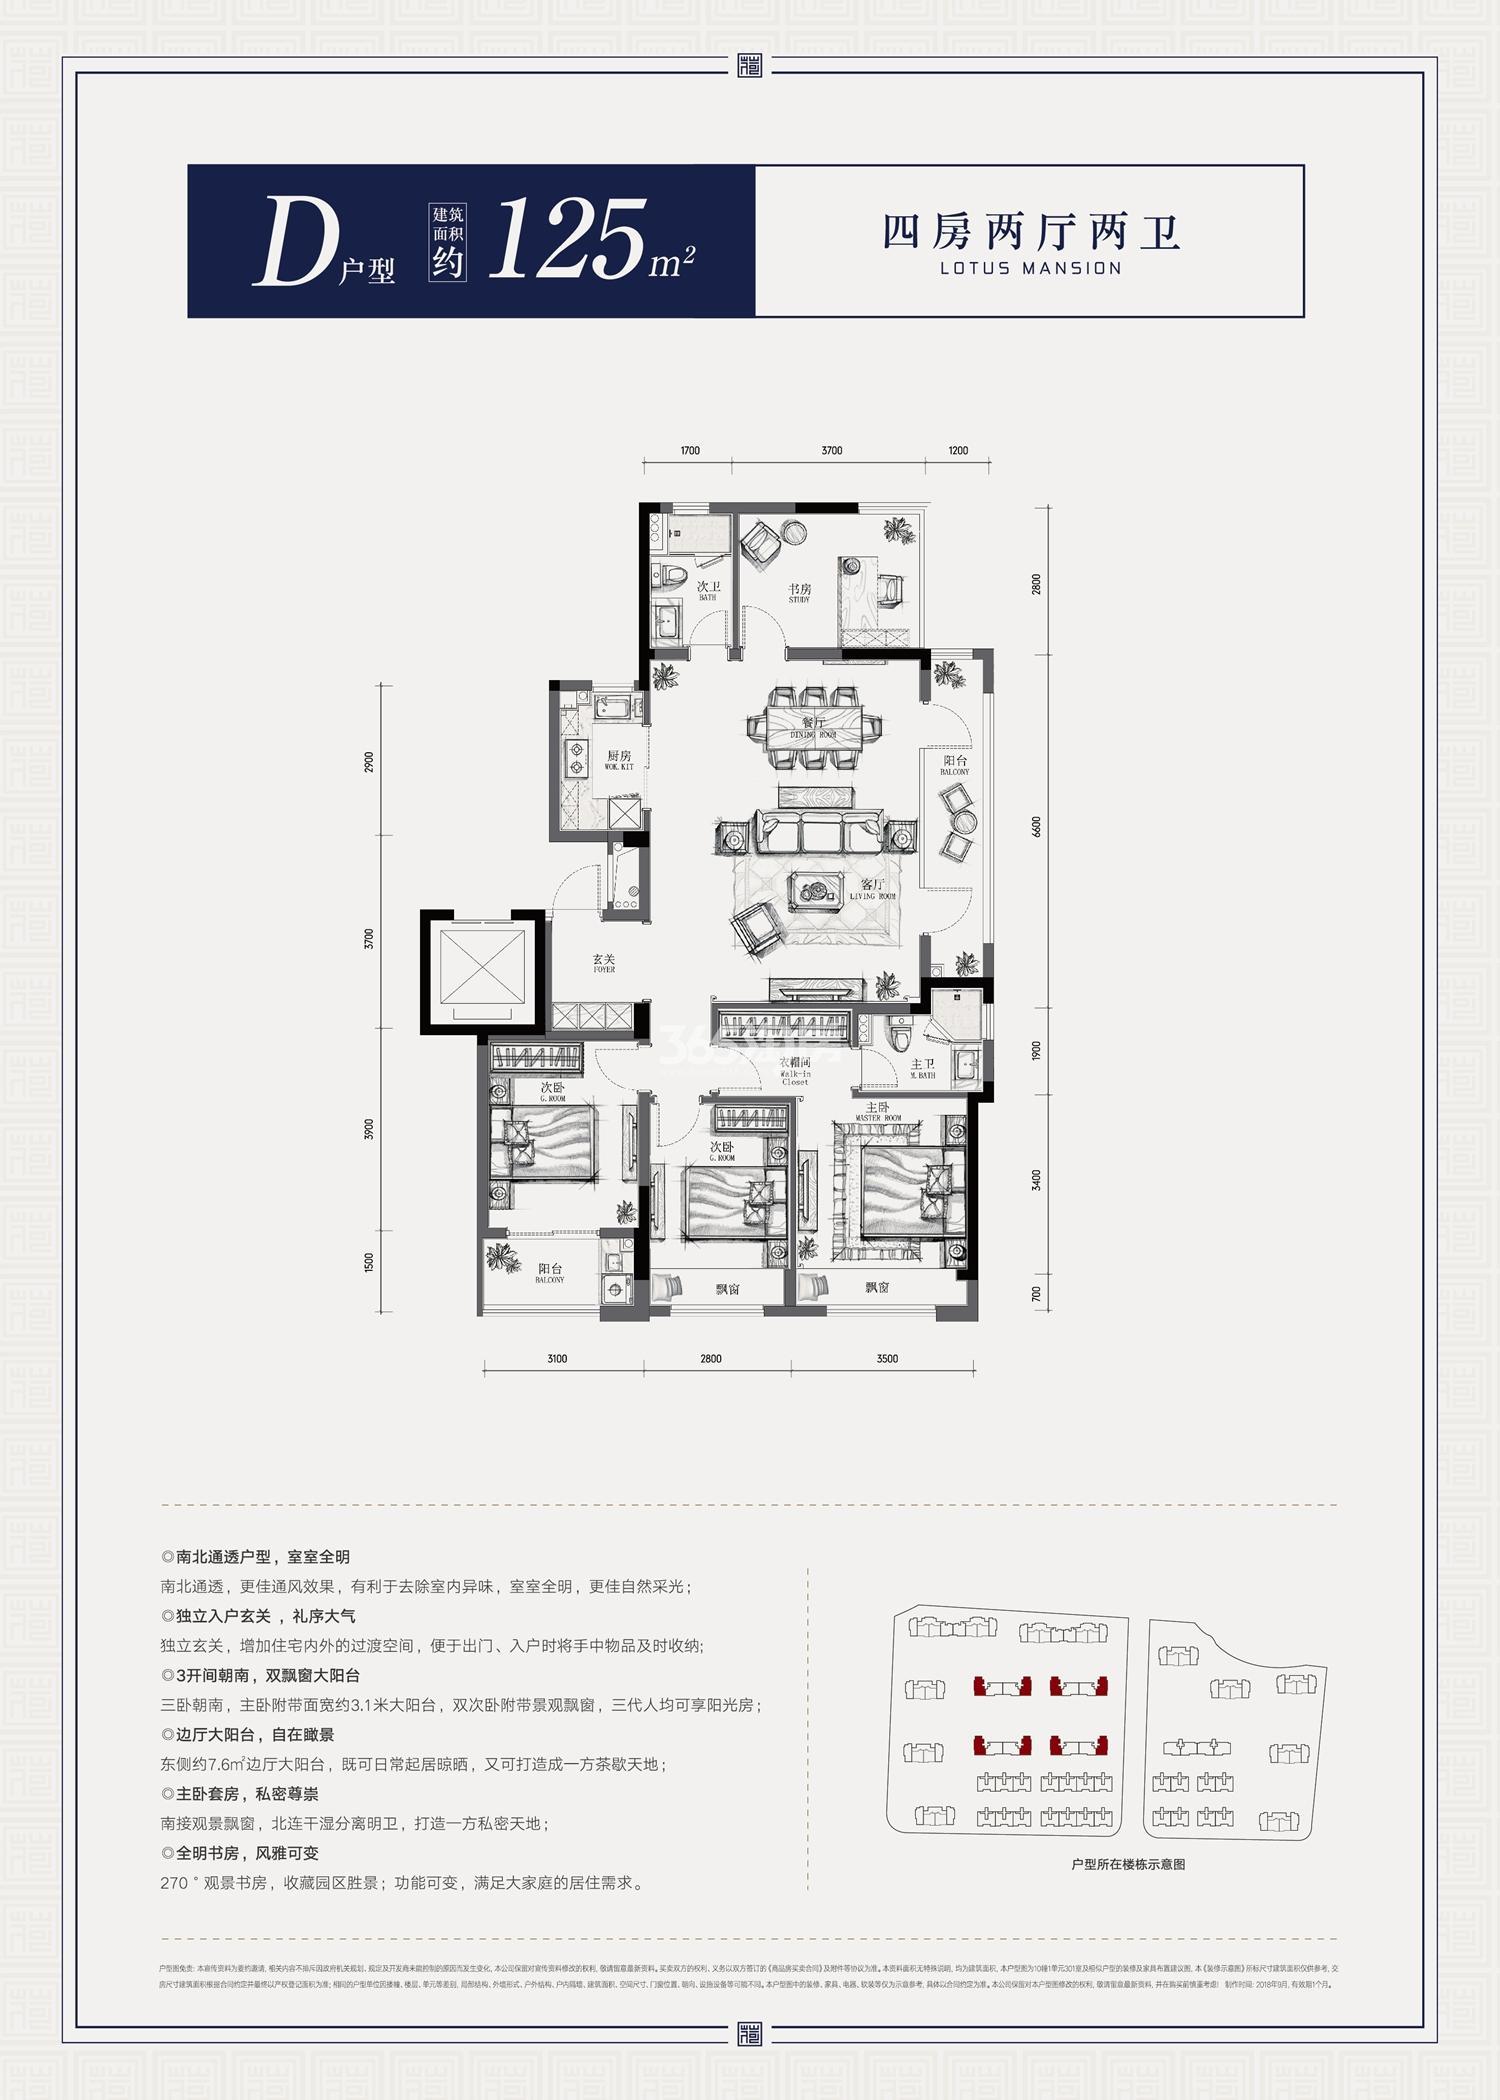 中天卓越风荷锦庭洋房D户型125方(10-13#)